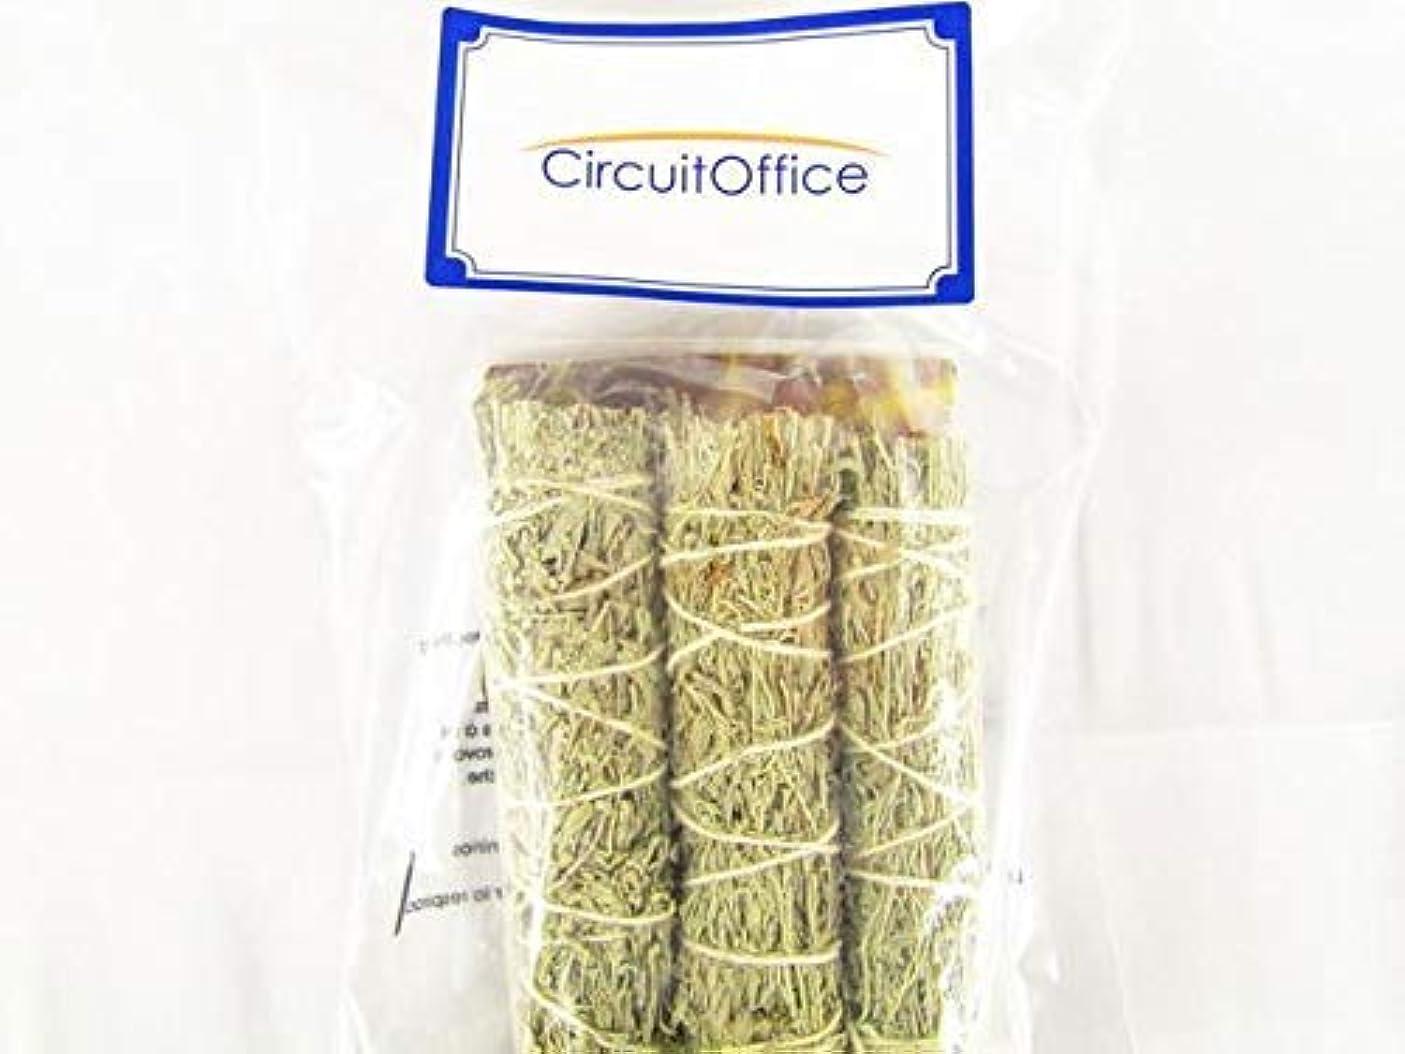 良さ銀行くつろぐCeremonial Smudge Sticks Incorporate Mountainセージ、杉、およびSweetgrass , 3?- Pack 4?